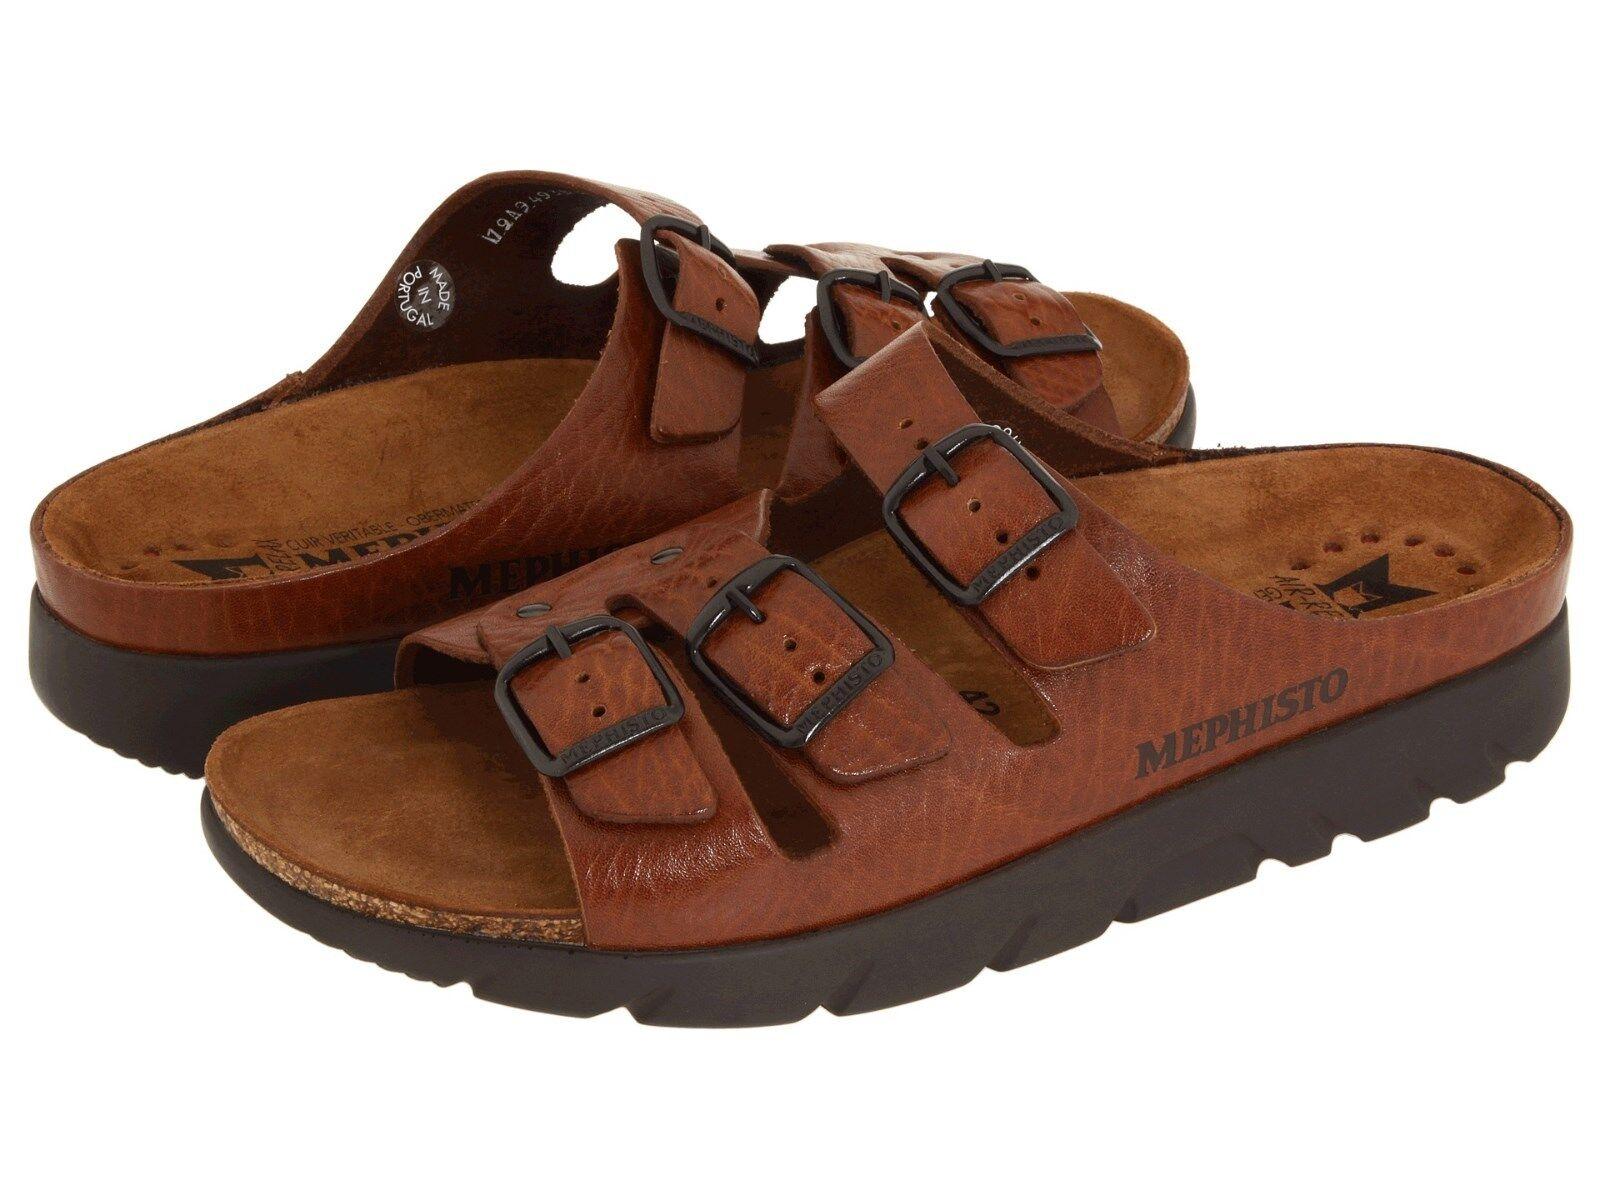 Mephisto Zach Fit Tan Grain Comfort Sandal Slide Mens 40-48 NEW